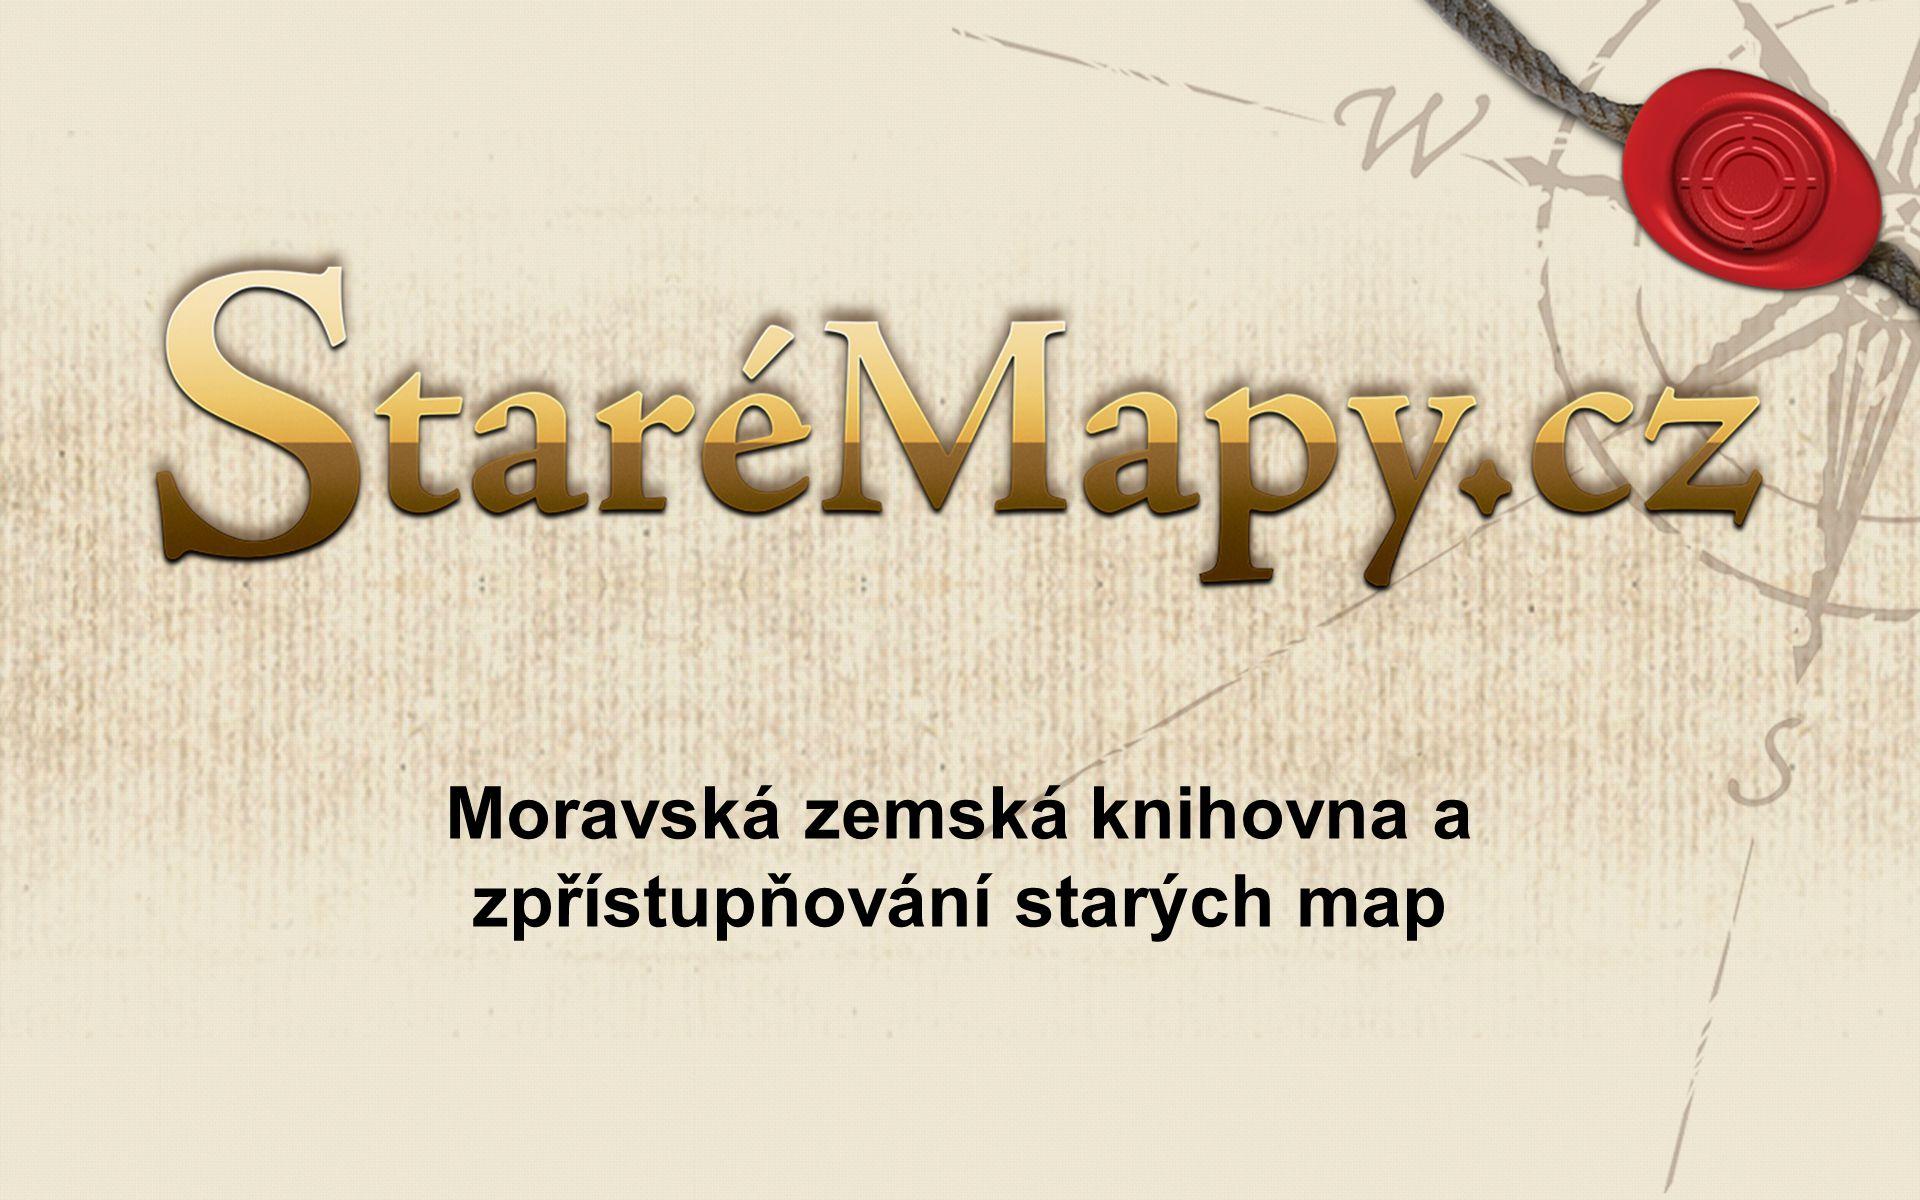 Mapy a MZK Historické fondy Moravské zemské knihovny v Brně (2004-2010) Staré mapy online (2008-2011) Europeana Travel (2009-2011) TEMAP (2011-2015)